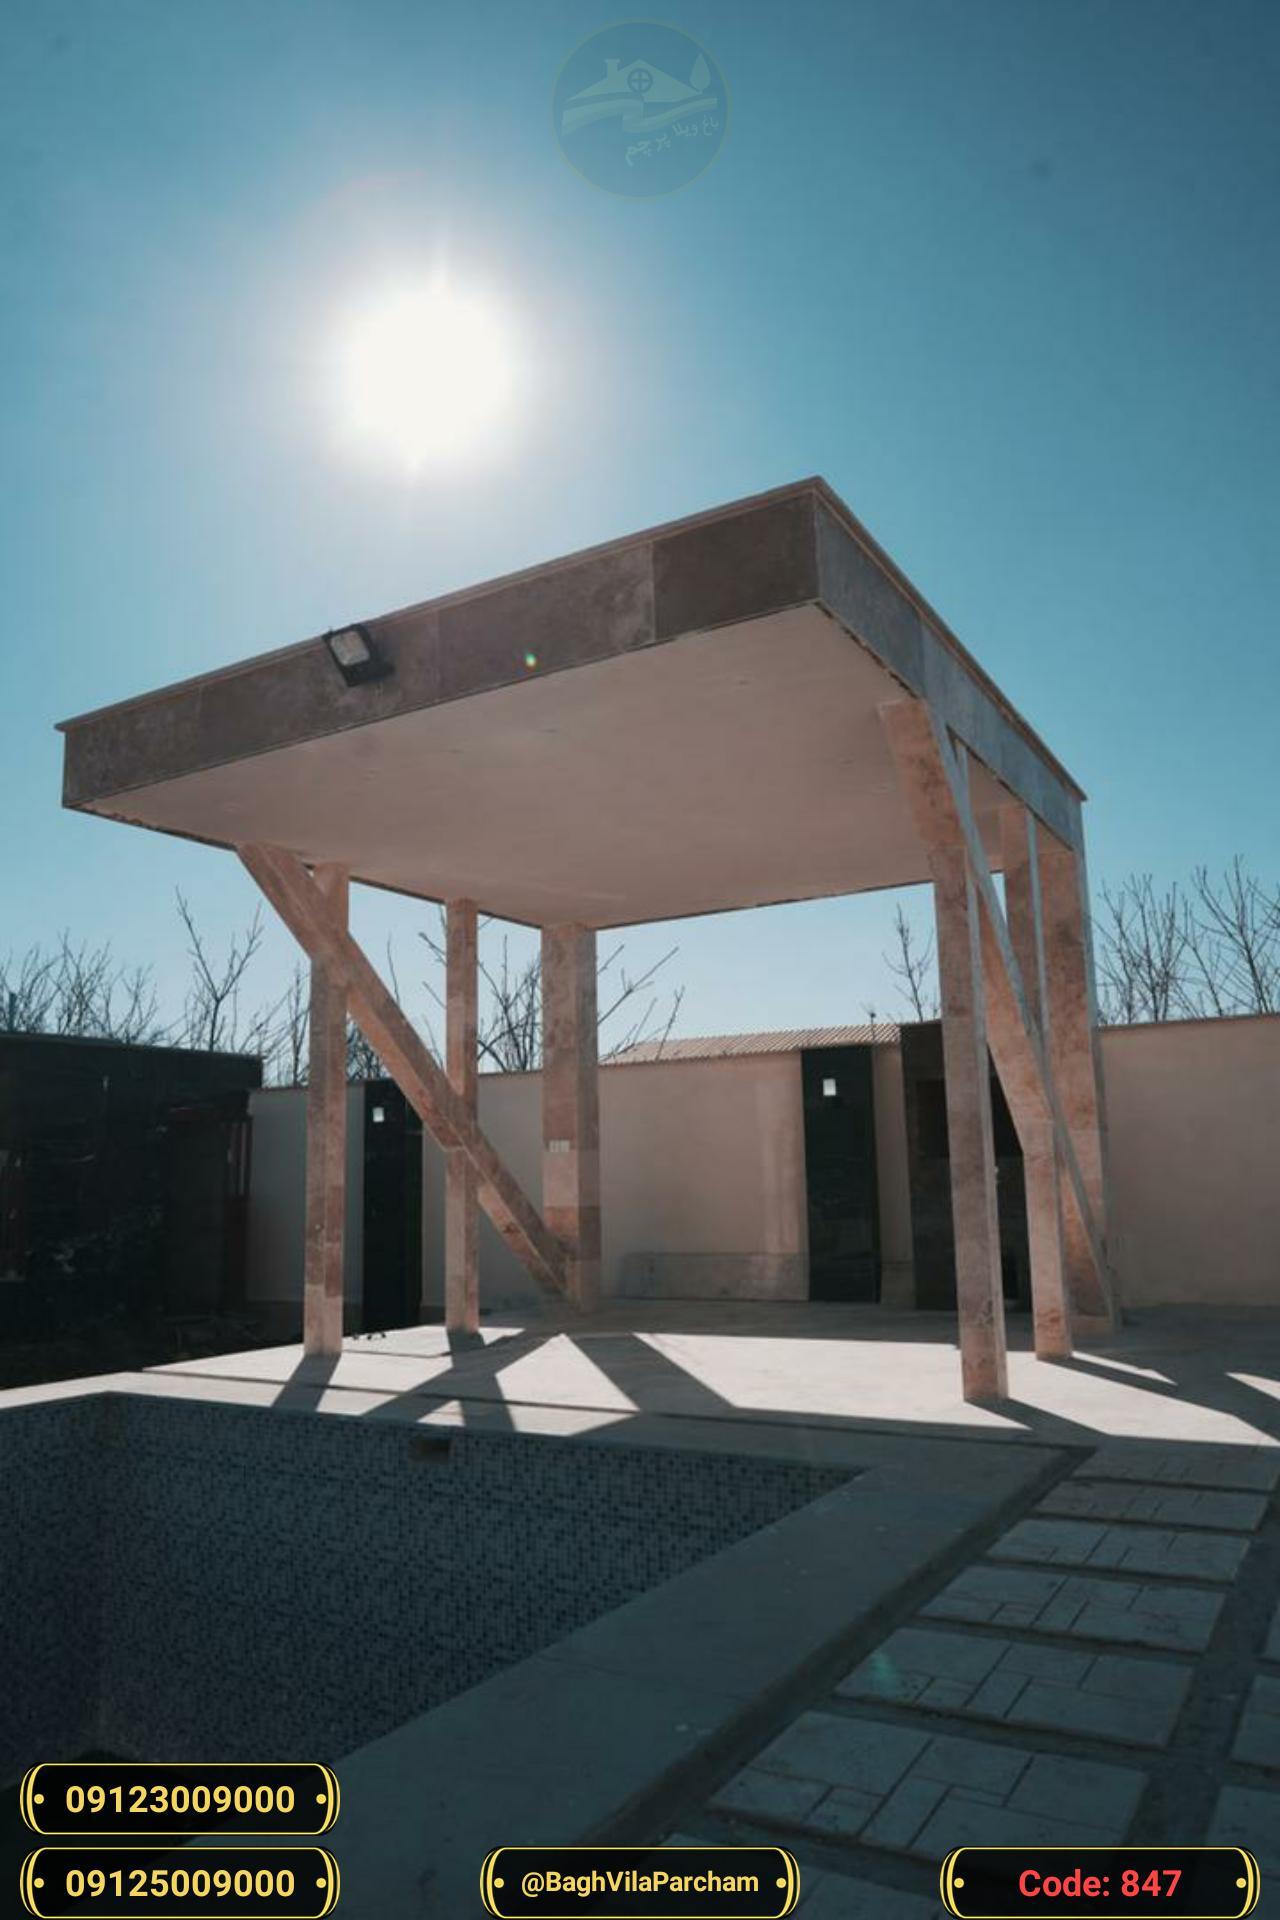 تصویر عکس باغ ویلا شماره 9 از ویلای ۵۰۰ متر ویلا مدرن و شیک Picture photo image 9 of ۵۰۰ متر ویلا مدرن و شیک